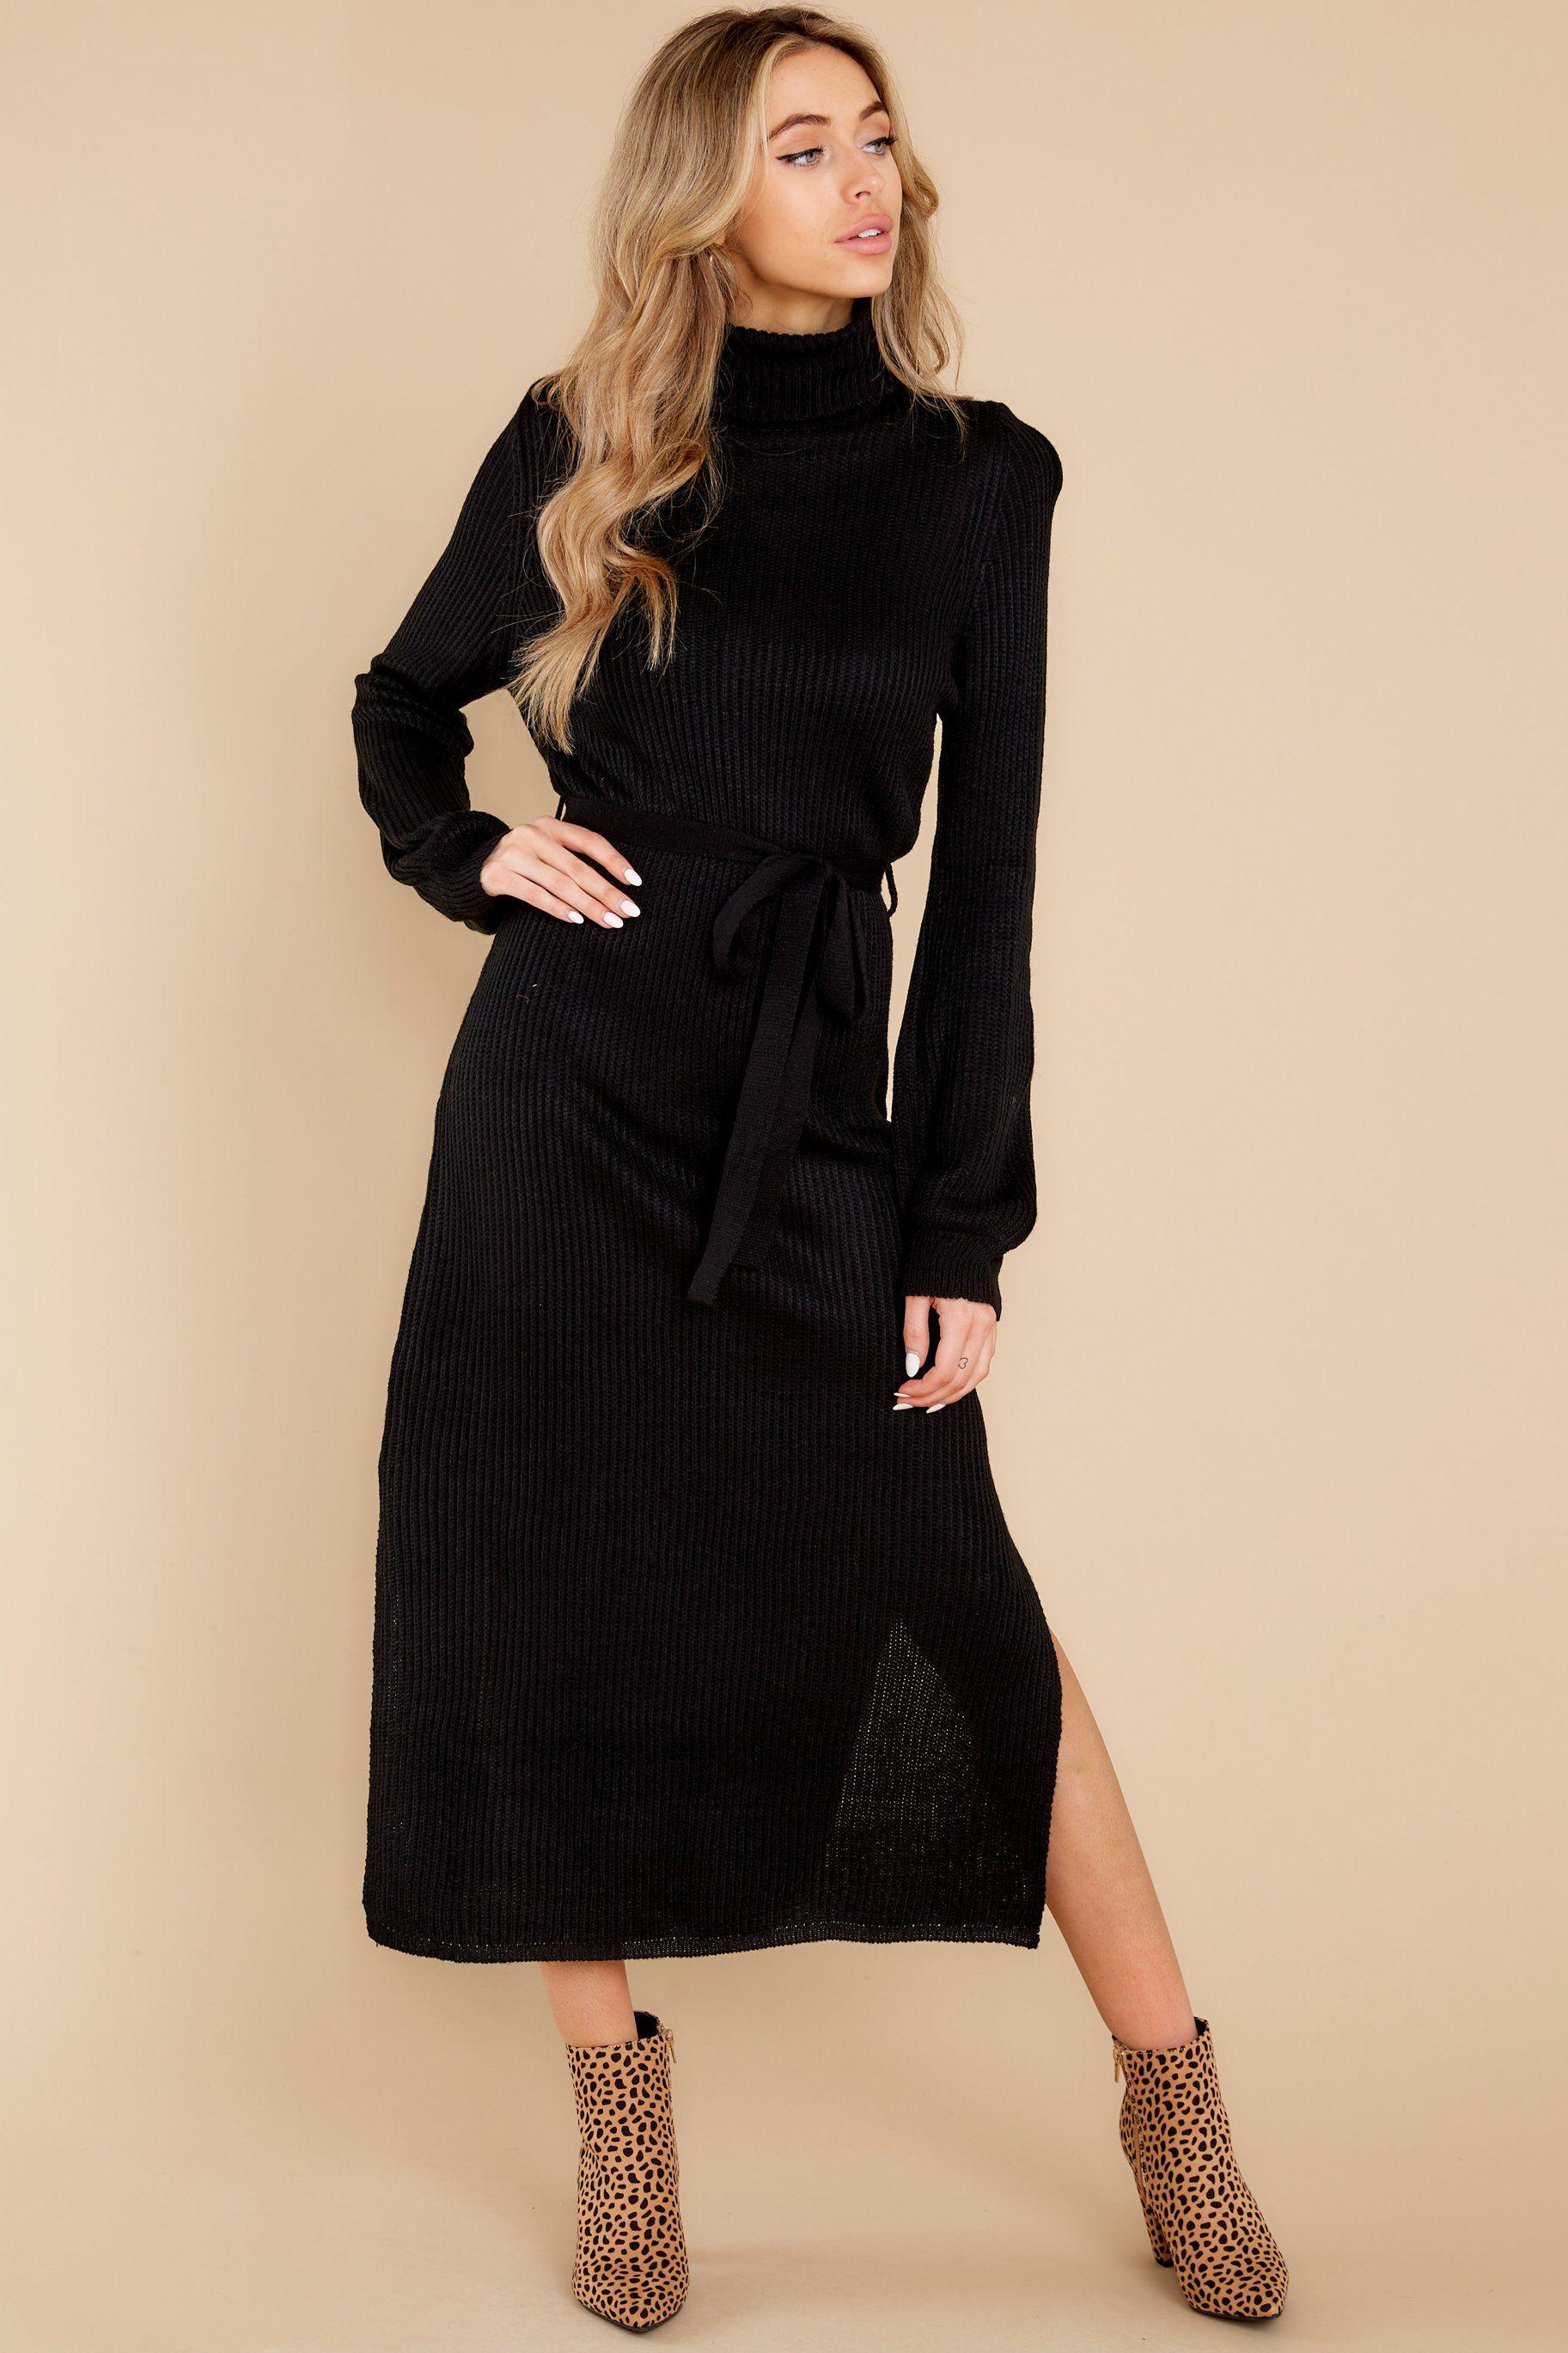 Perfect Black Sweater Dress Maxi Dresses Red Dress Maxi Knit Dress Black Knit Maxi Dress Maxi Dress [ 2738 x 1825 Pixel ]